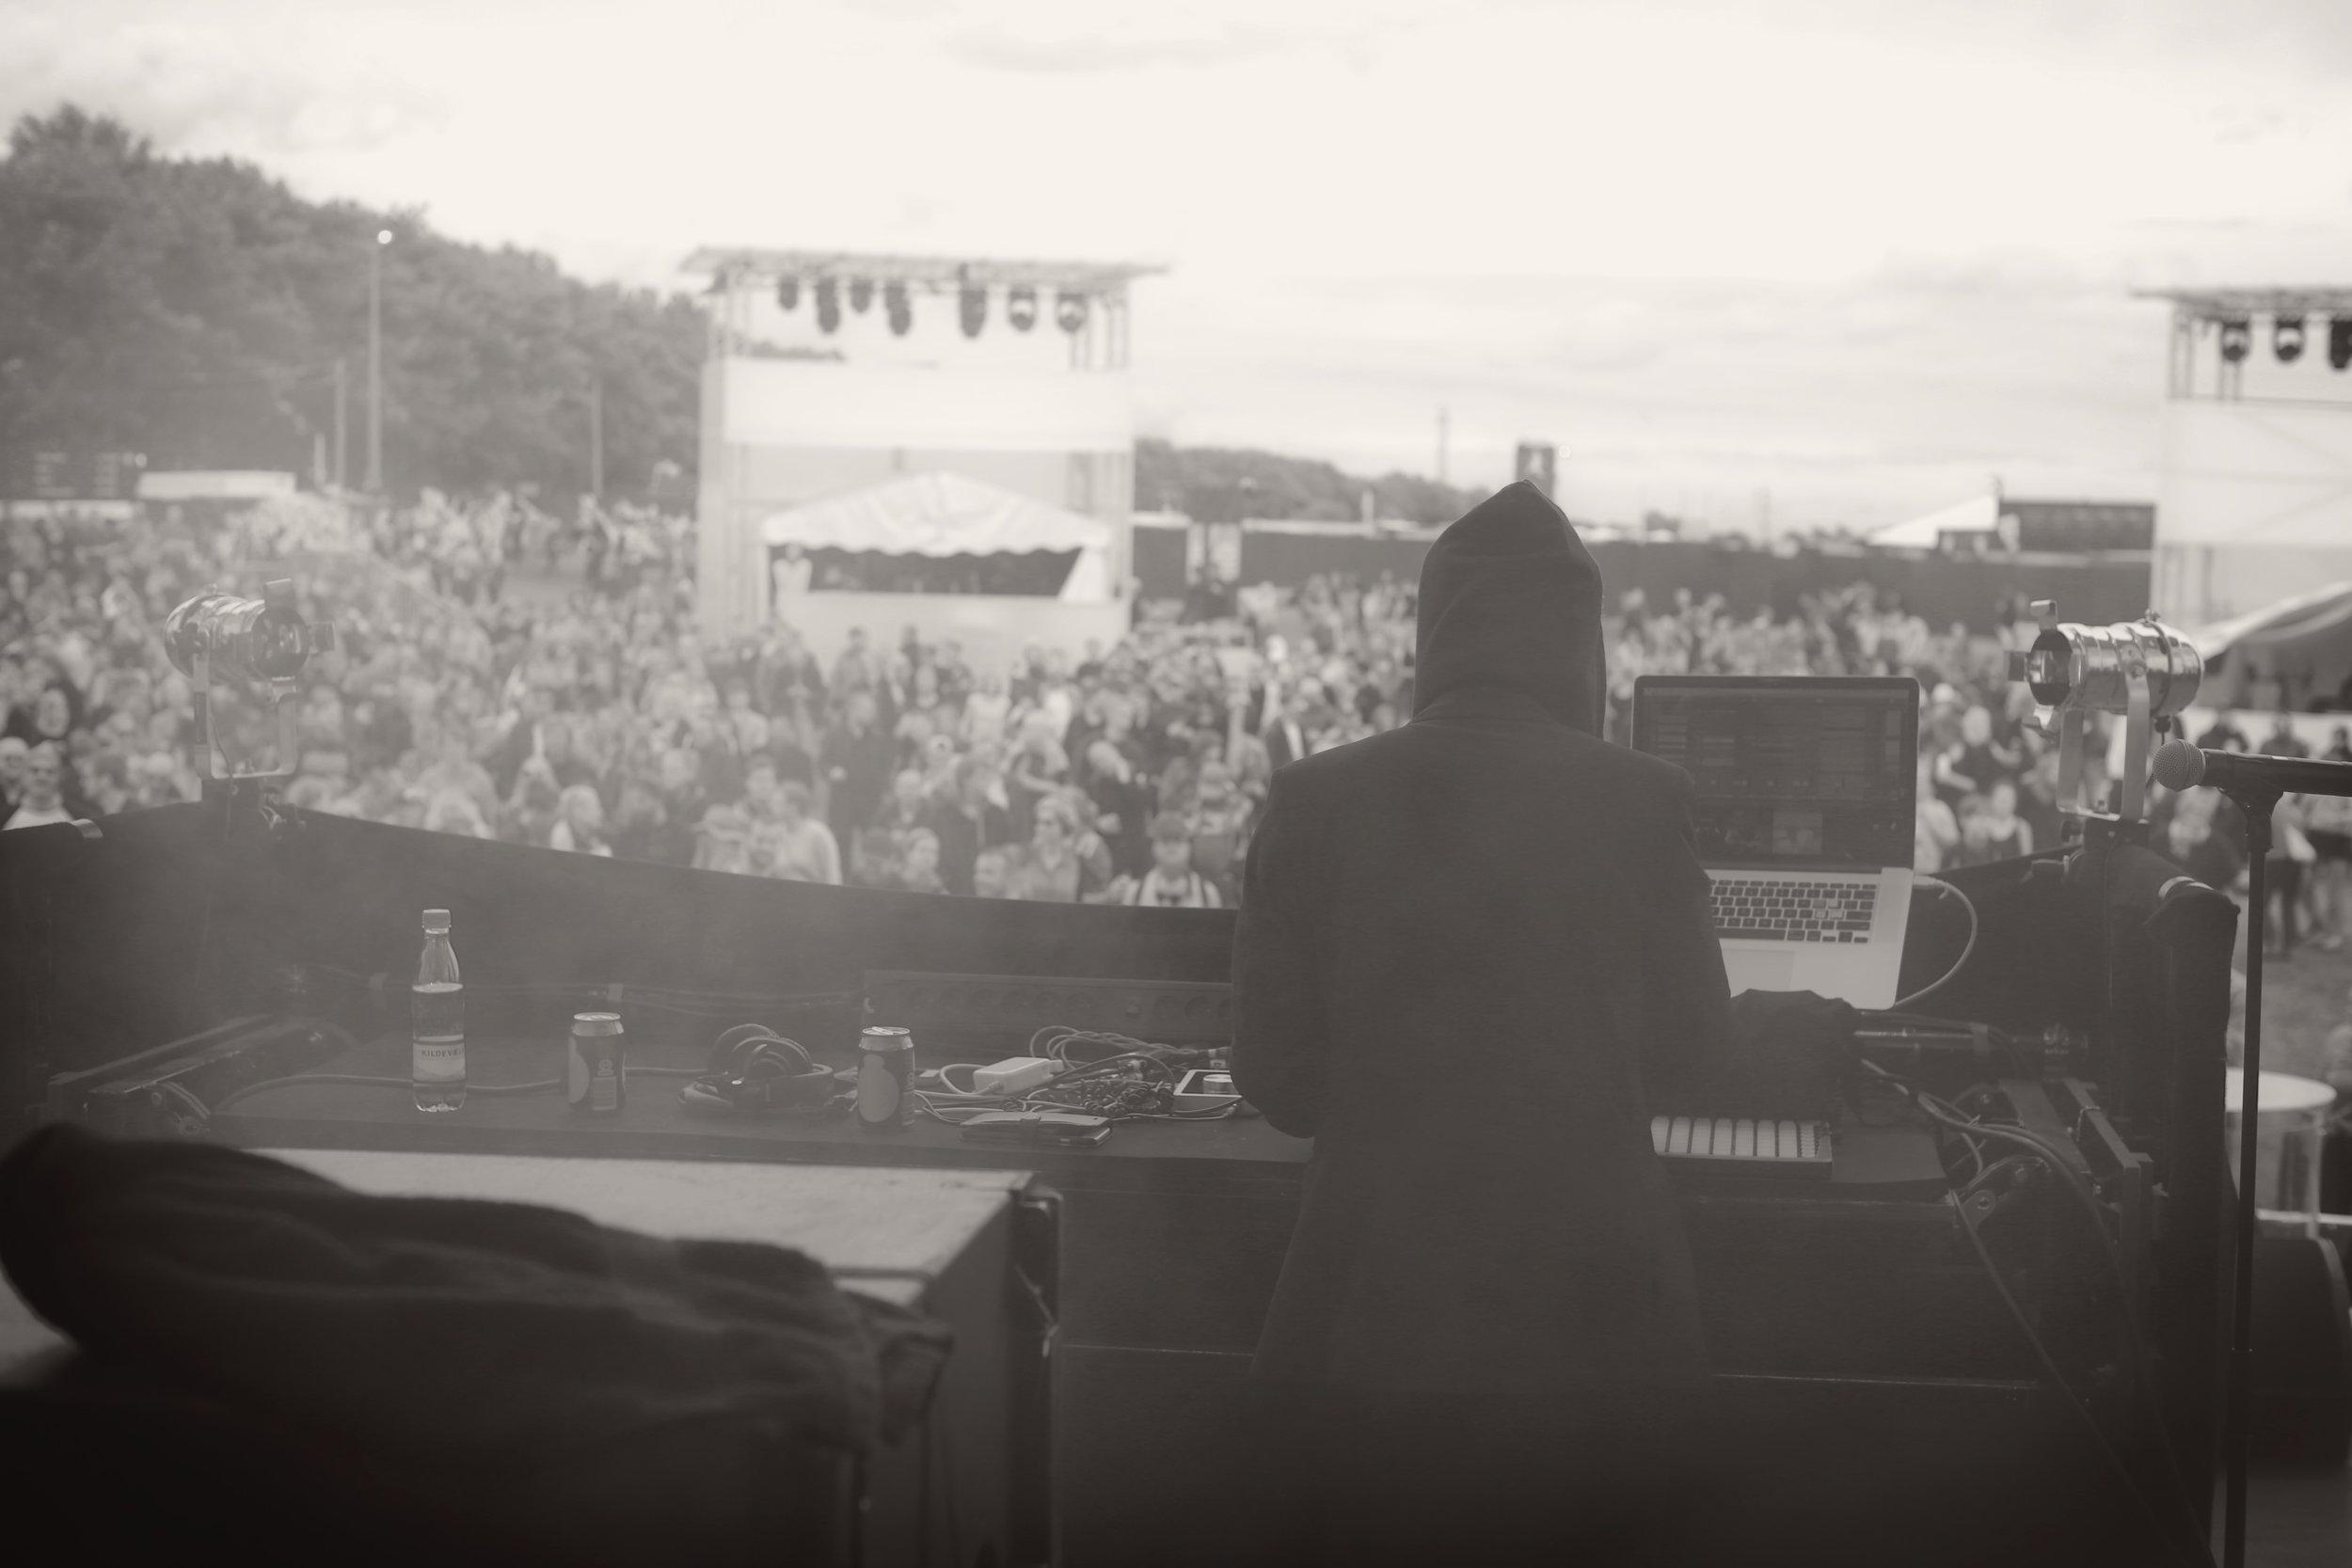 2016.07.02 - Roskilde Festival (Canon 5D Mark III 50mm)_14 - Bogart Warm.jpg